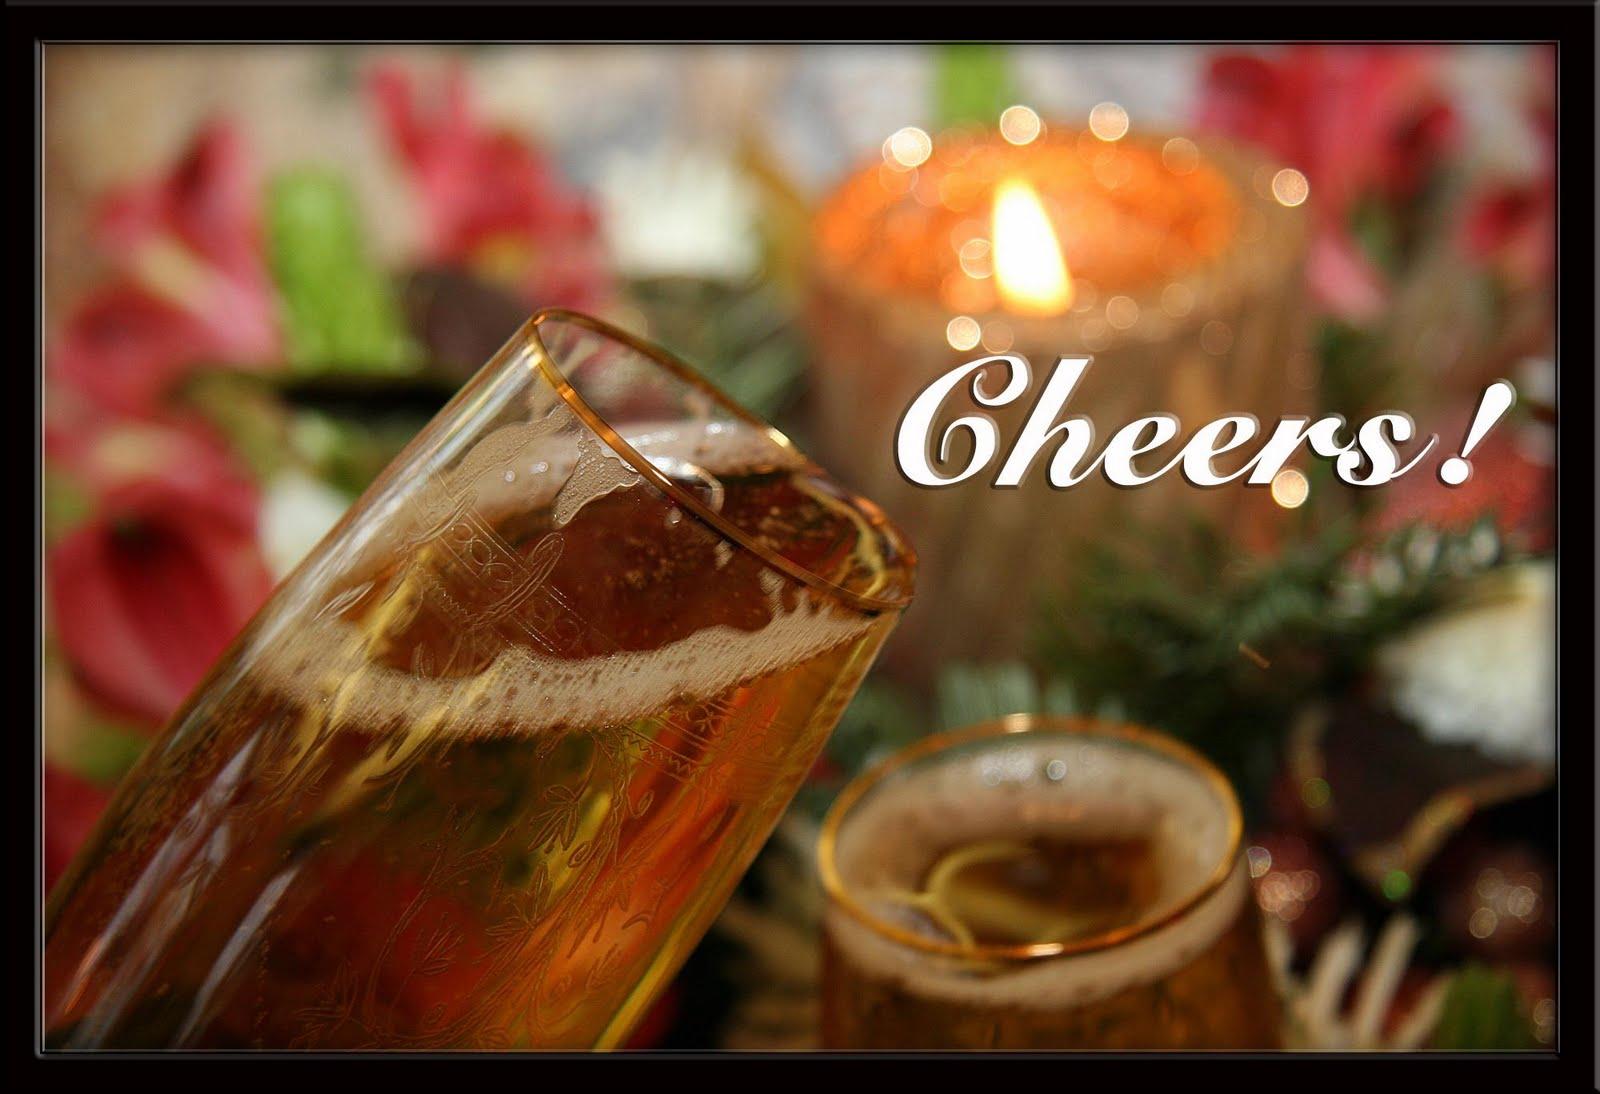 http://1.bp.blogspot.com/_eFs7U8q_oTw/TSJ05WQjhwI/AAAAAAAAAS8/YH9cmEw8ms8/s1600/cheers.jpg